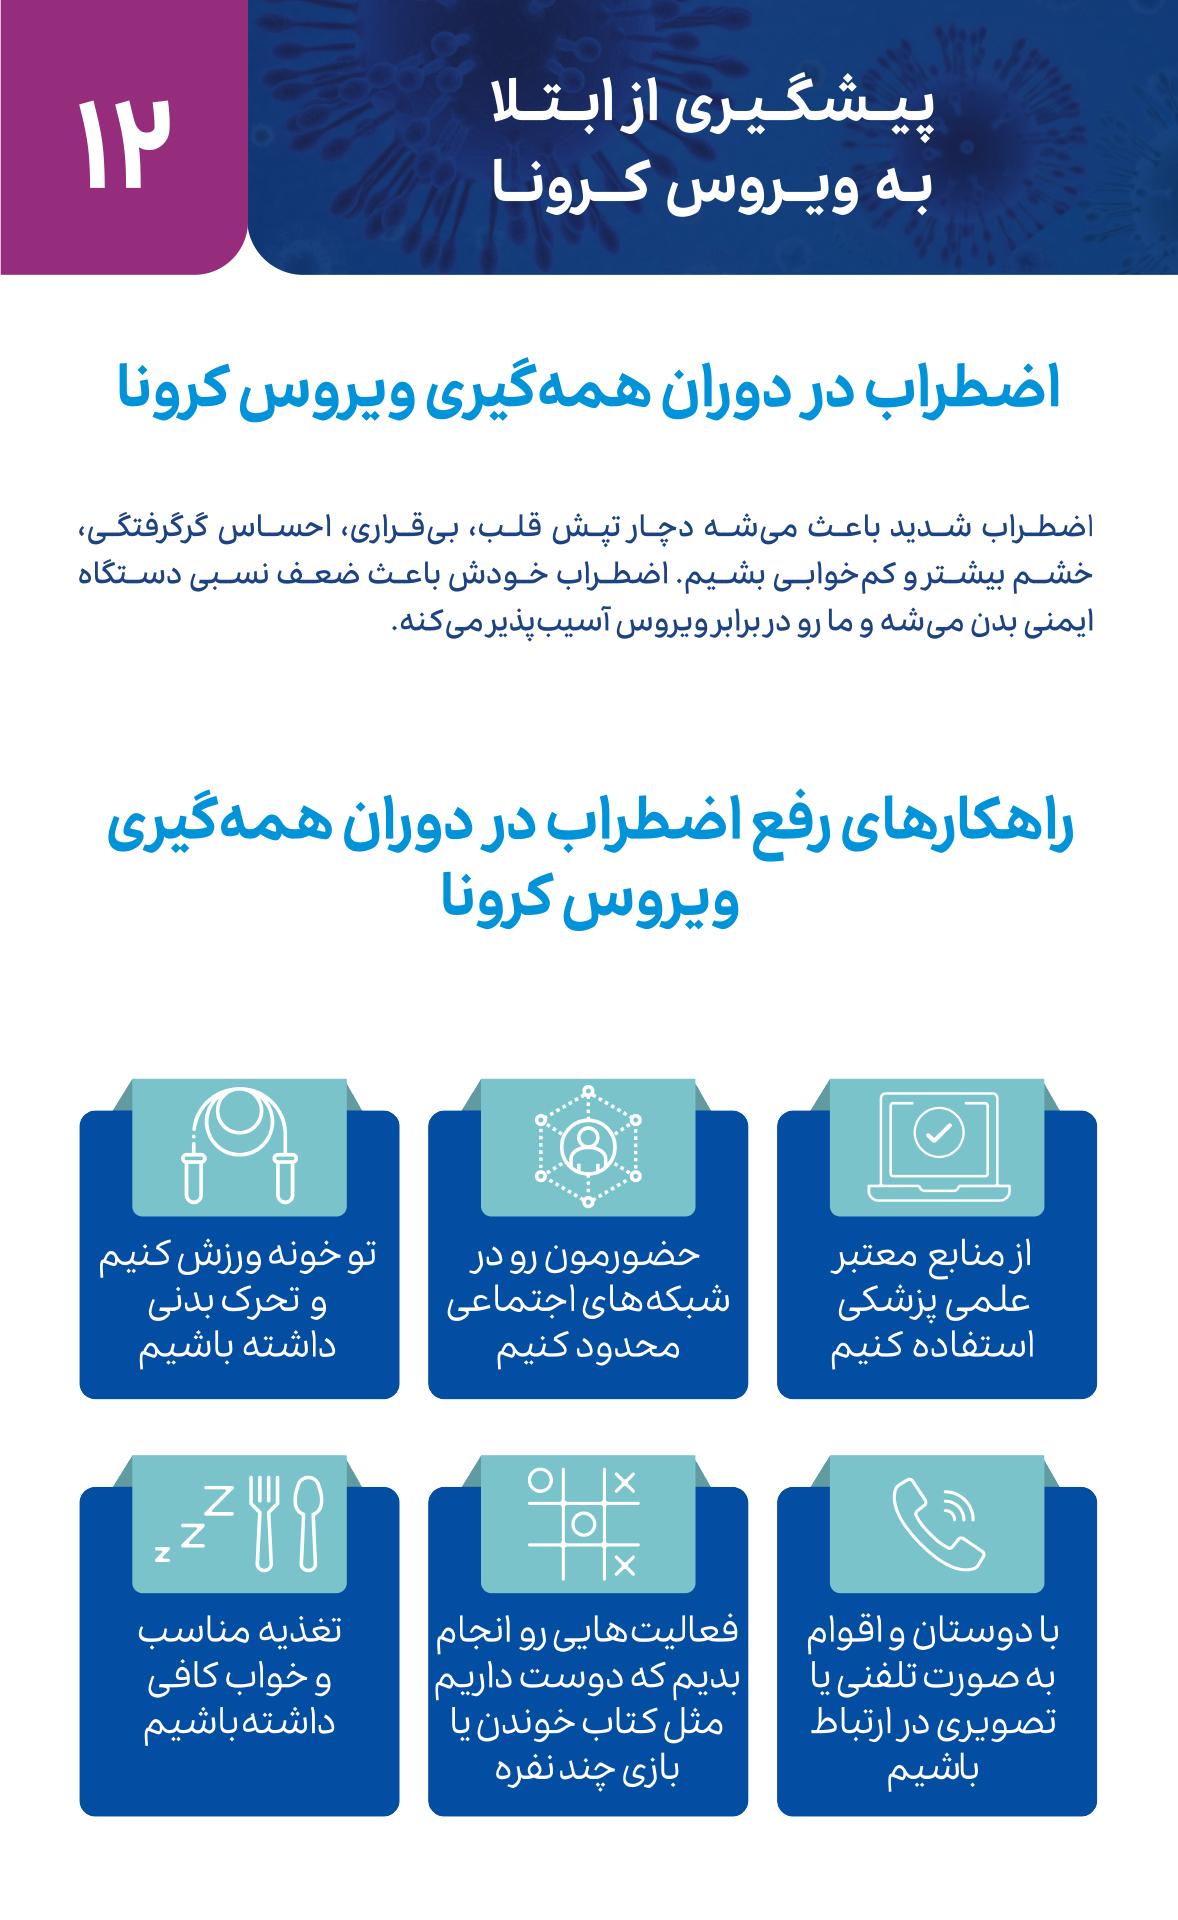 متخصص زنان اصفهان اضطراب در دوران همه گیری ویروس کرونا